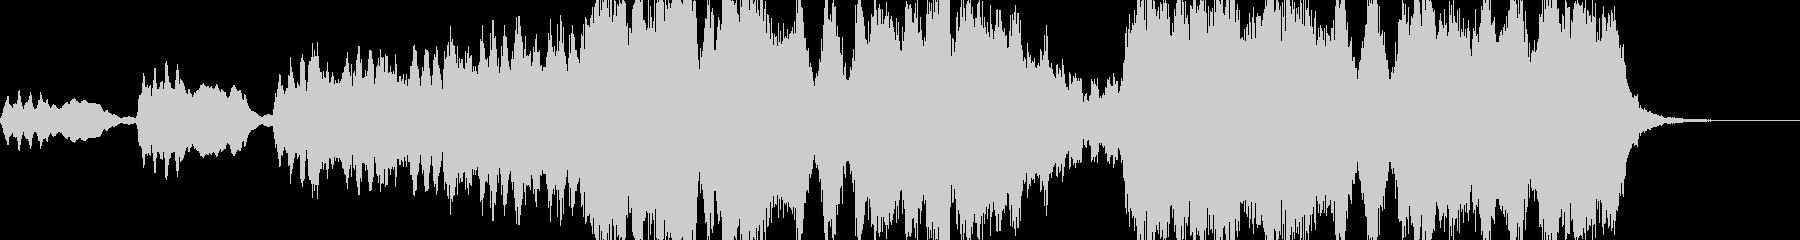 クラシック 角 クラシカルの未再生の波形